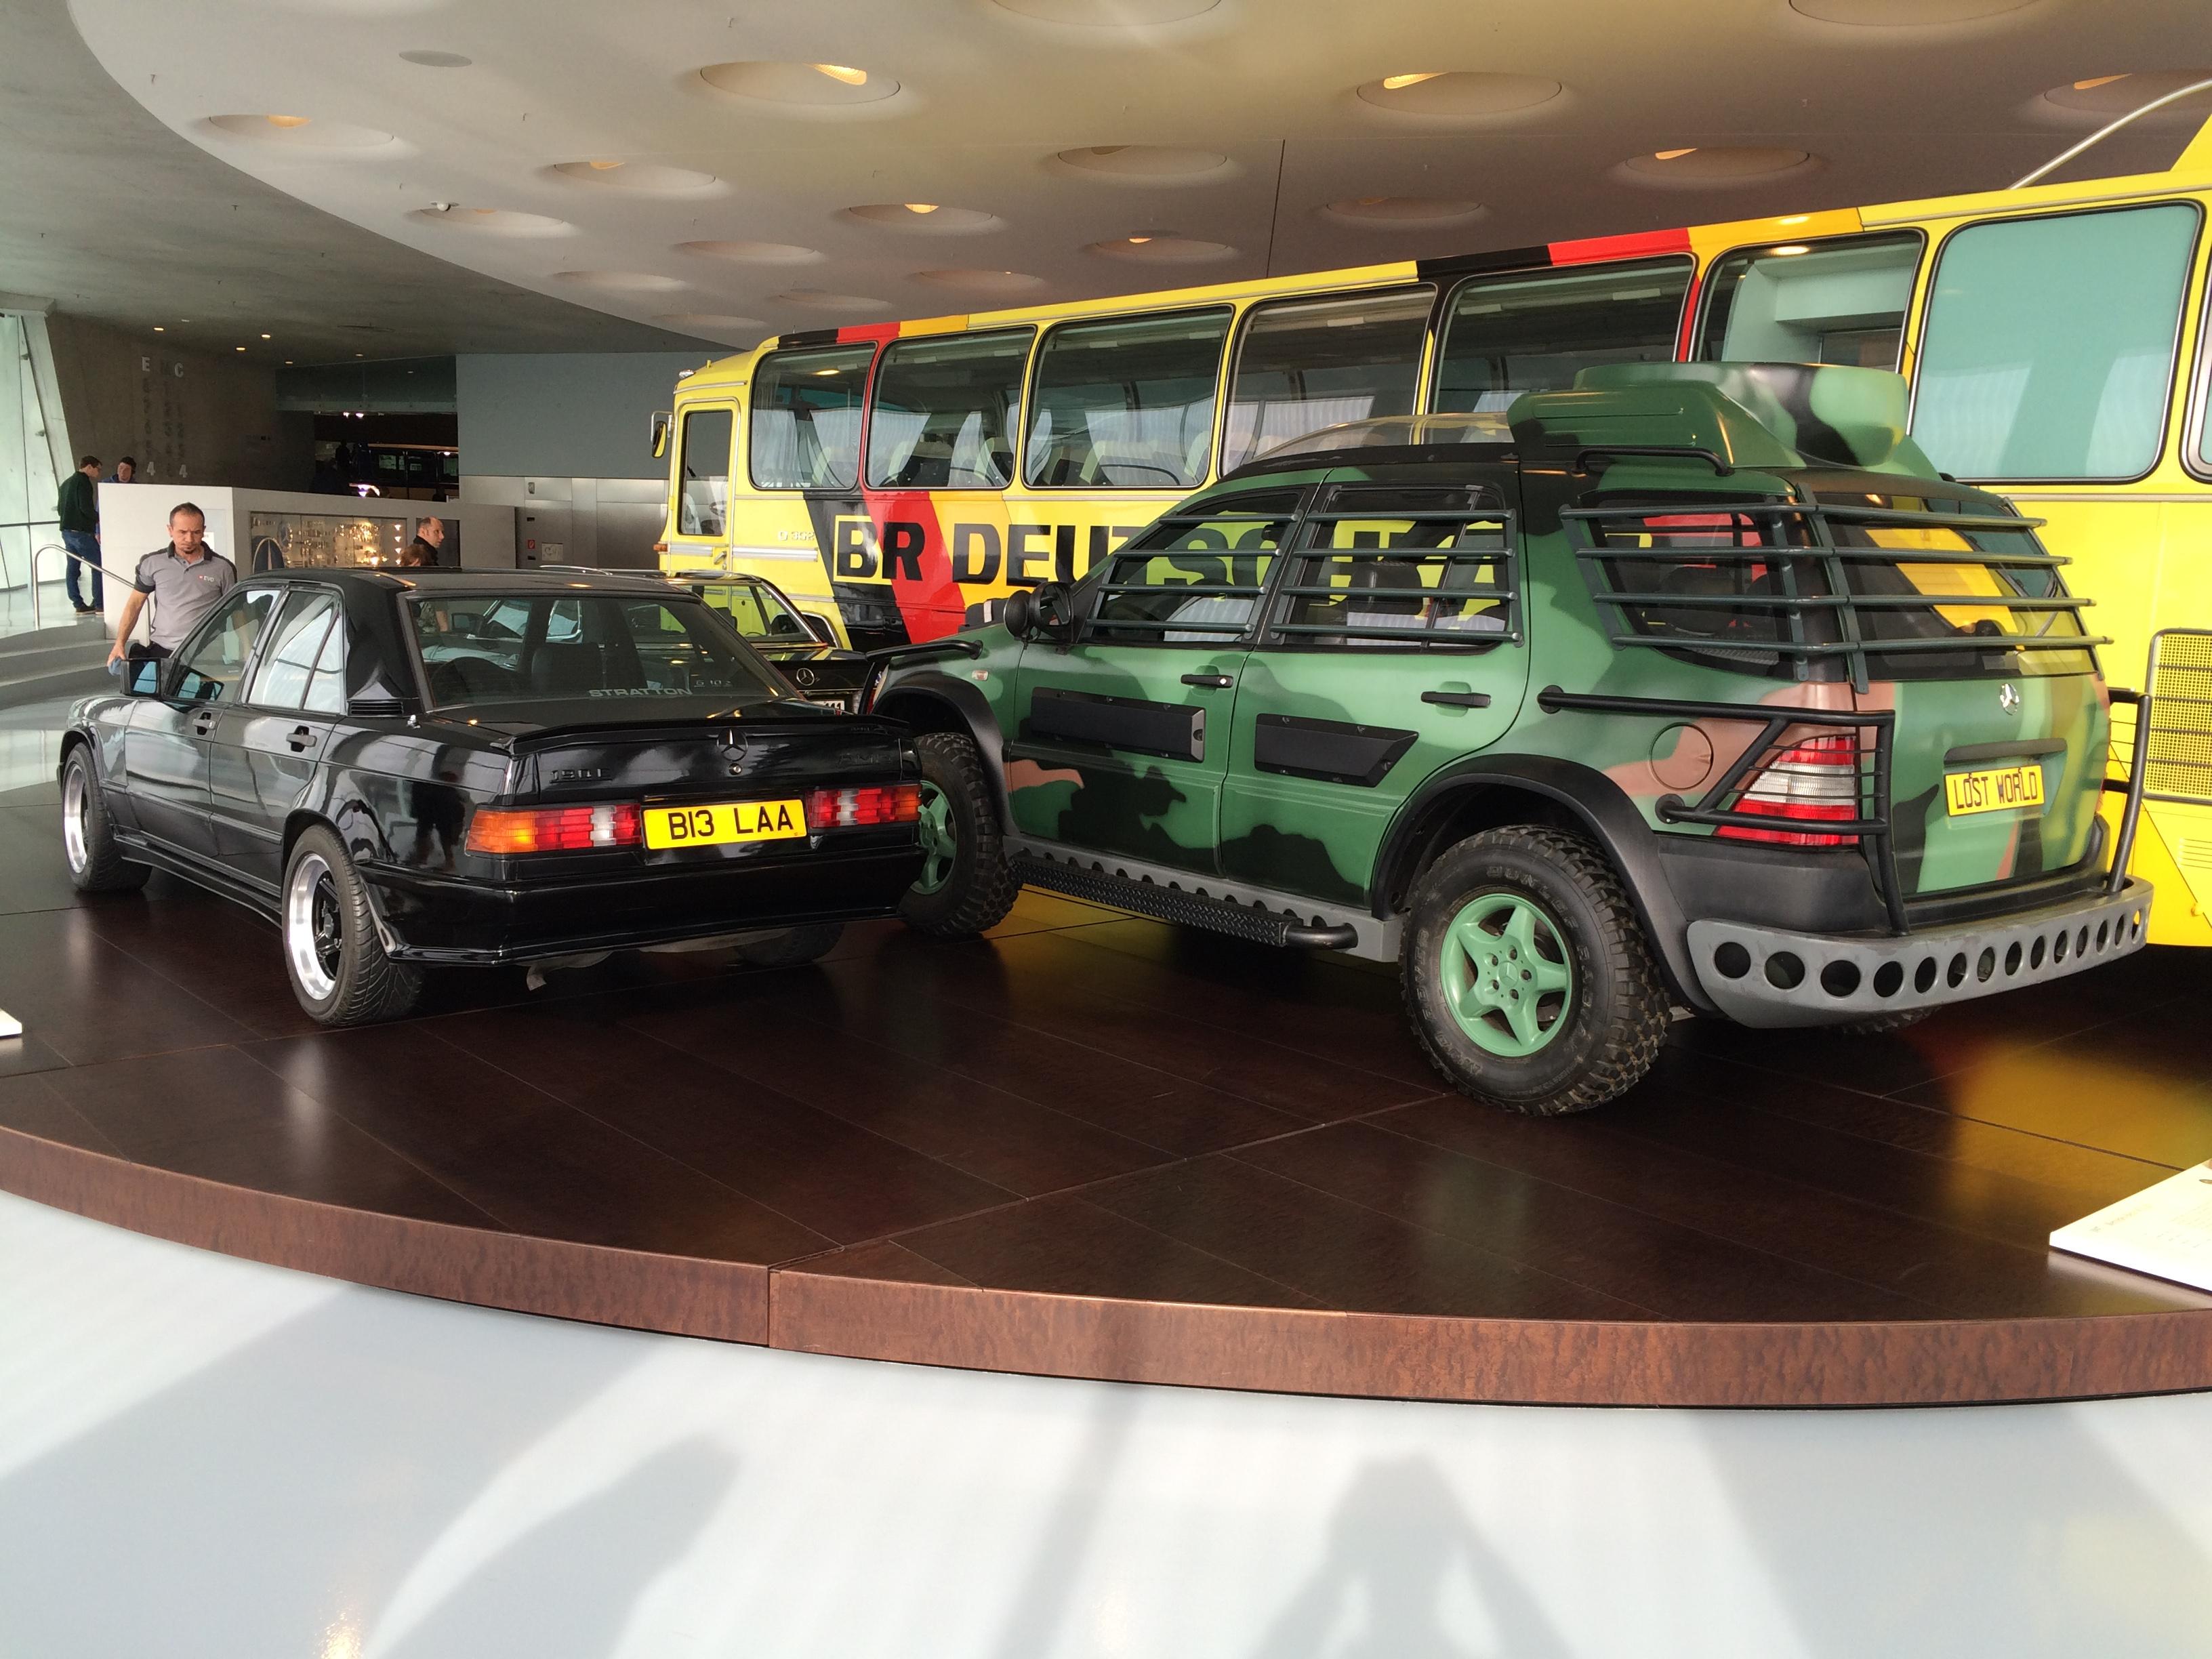 The Mercedes ML from Jurassic Park + Ringo Starr's 190 ...